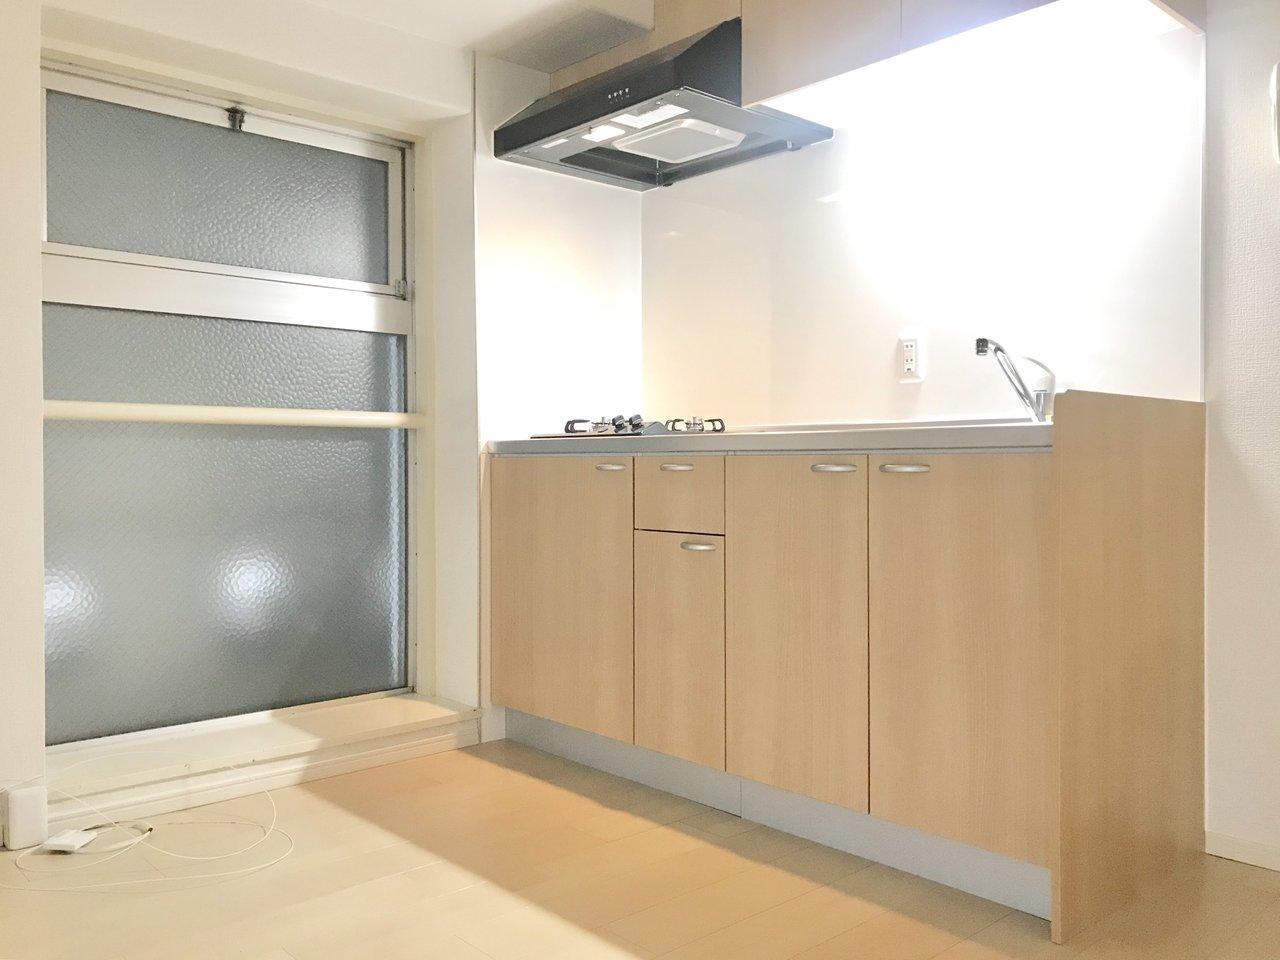 キッチン横にも大きな窓が。二口コンロ付きで作業スペースも広々。ここに住んで毎日カップラーメン、な生活はもったいない。これを機に料理を始めましょう。